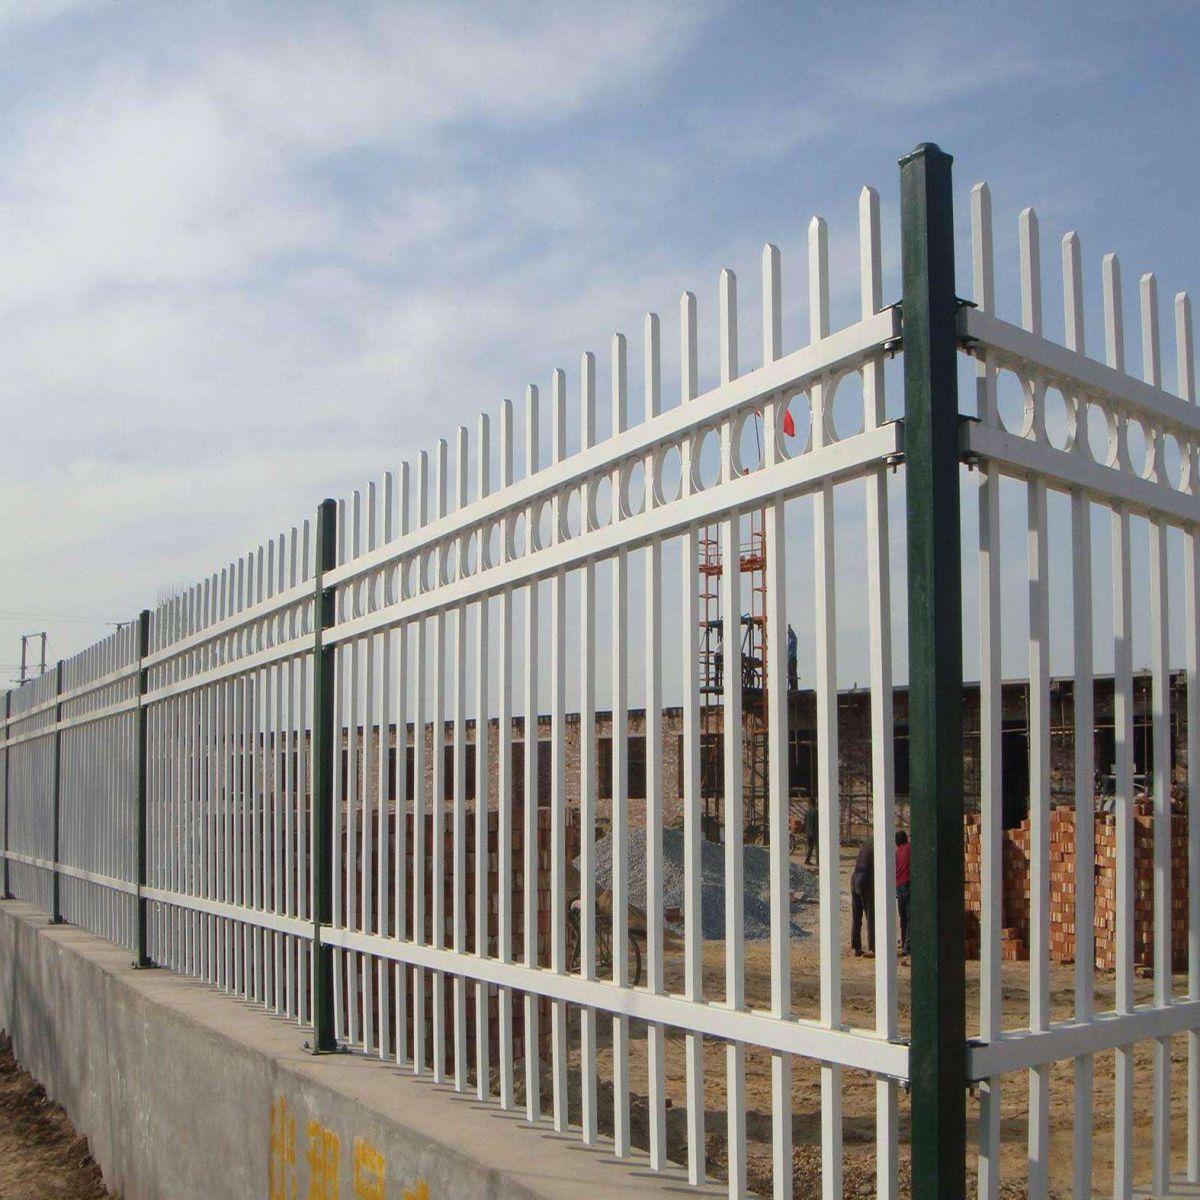 为您推荐兰州御玛栏金属制品的阳台护栏价格 - 中国供应商